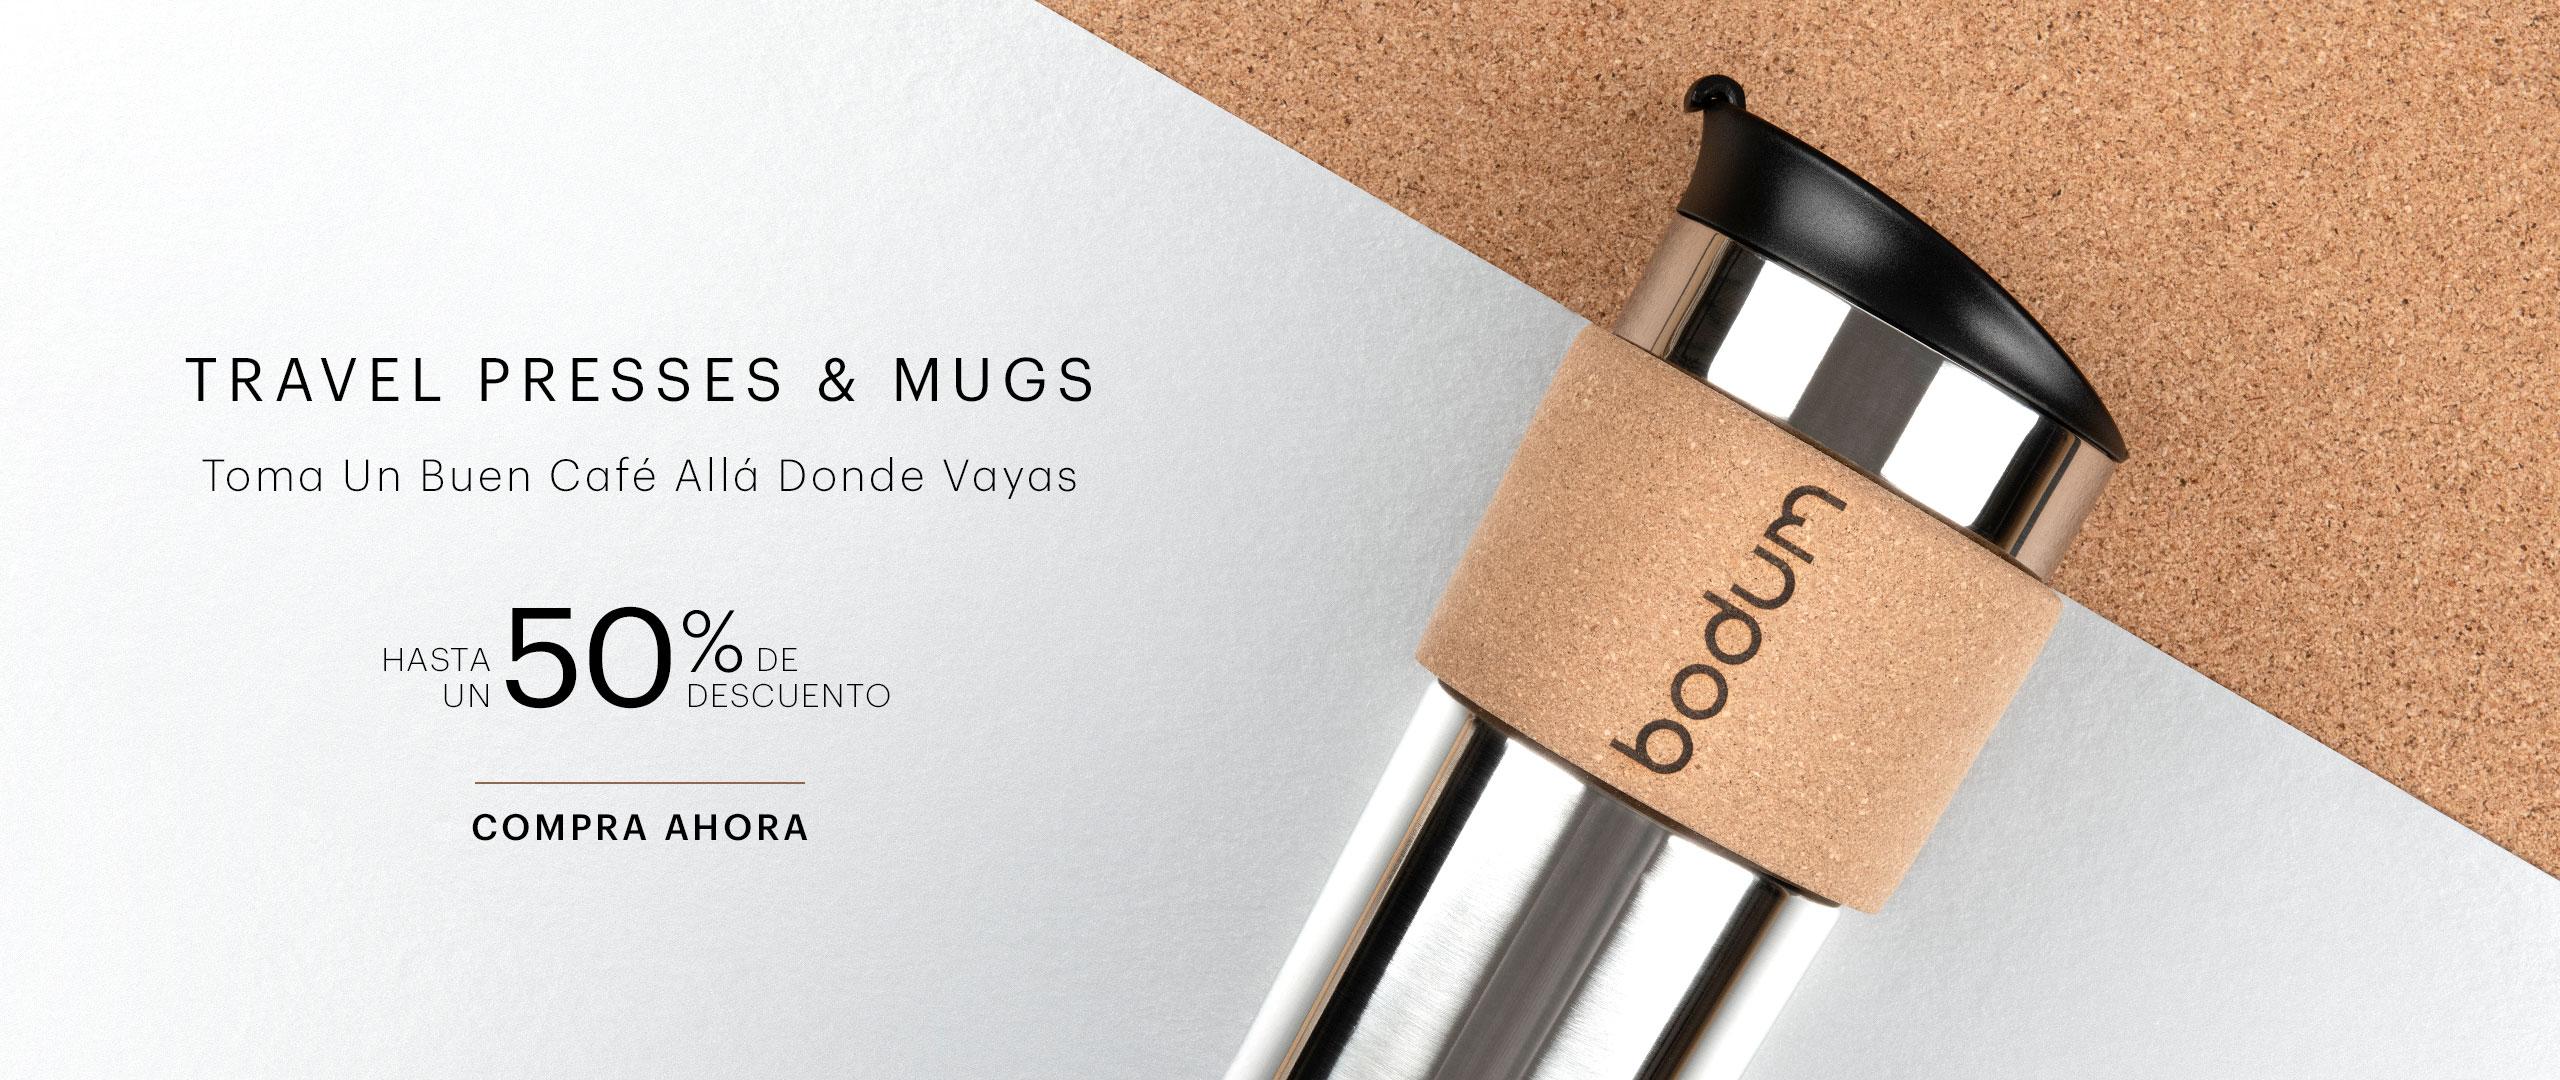 BEU [ES] - Travel Press & Mug